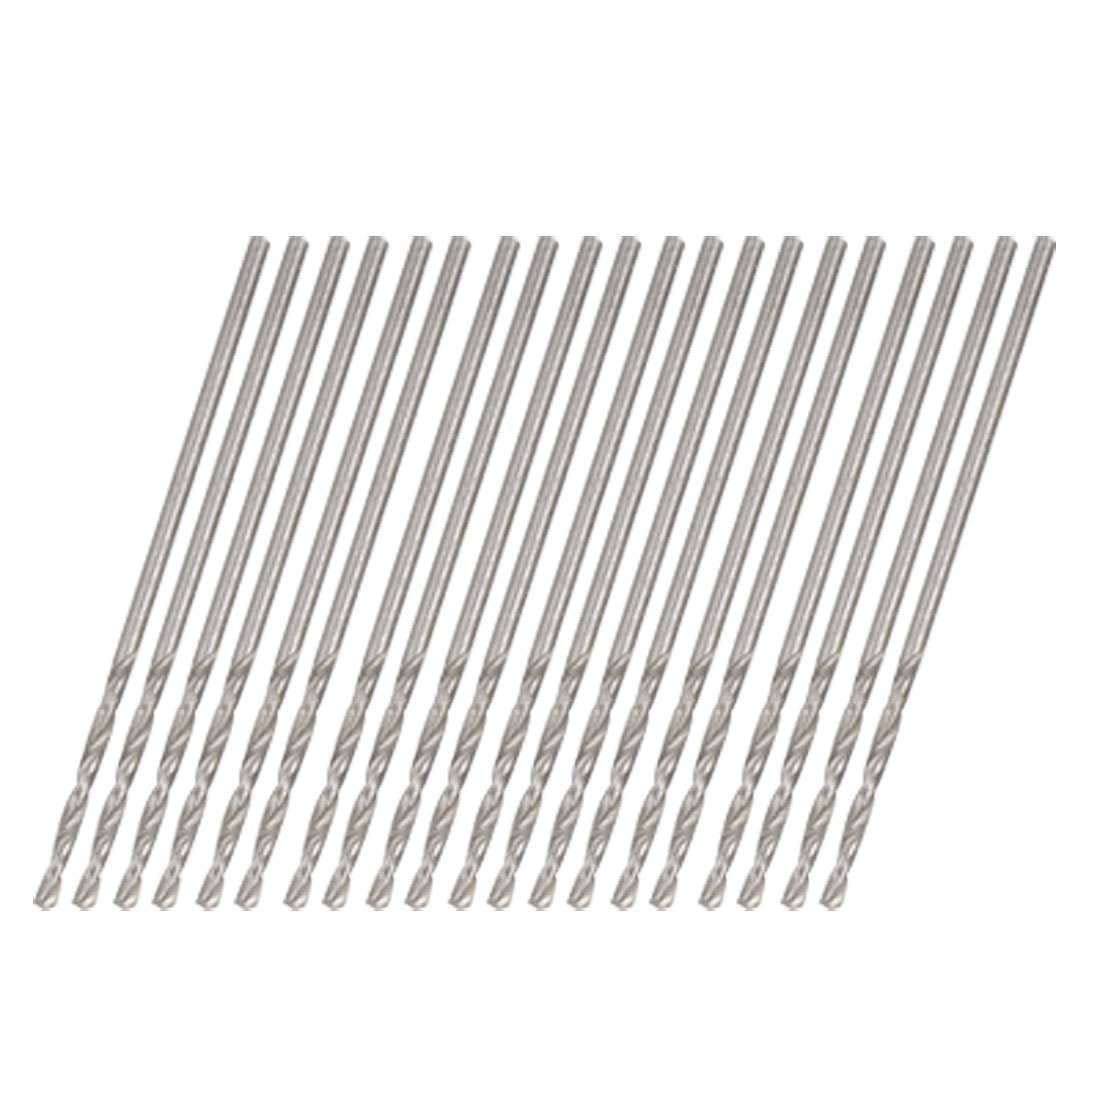 0.9mm Straight Shank Electrical Twist Drill Bit 20 PCS